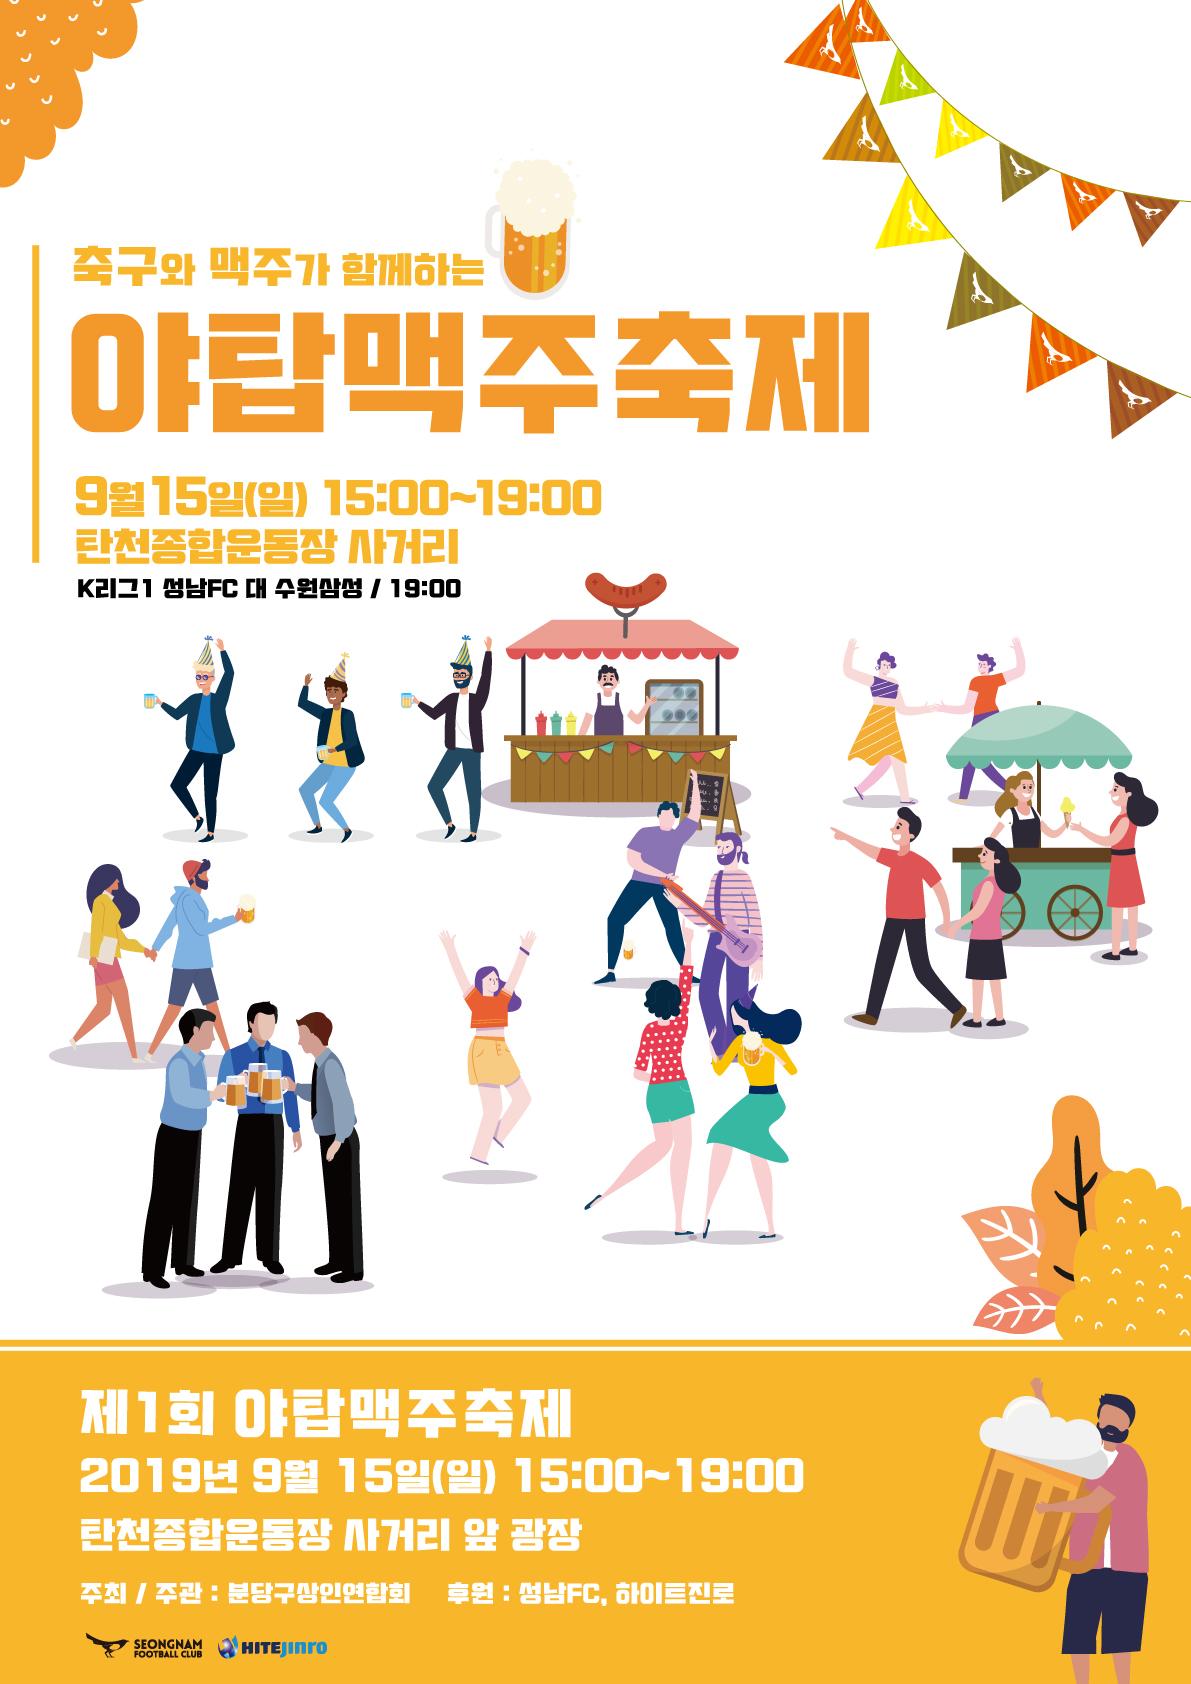 성남FC, 15일 홈경기 전 '야탑맥주축제' 통해 신규 팬 창출 나선다!_이미지